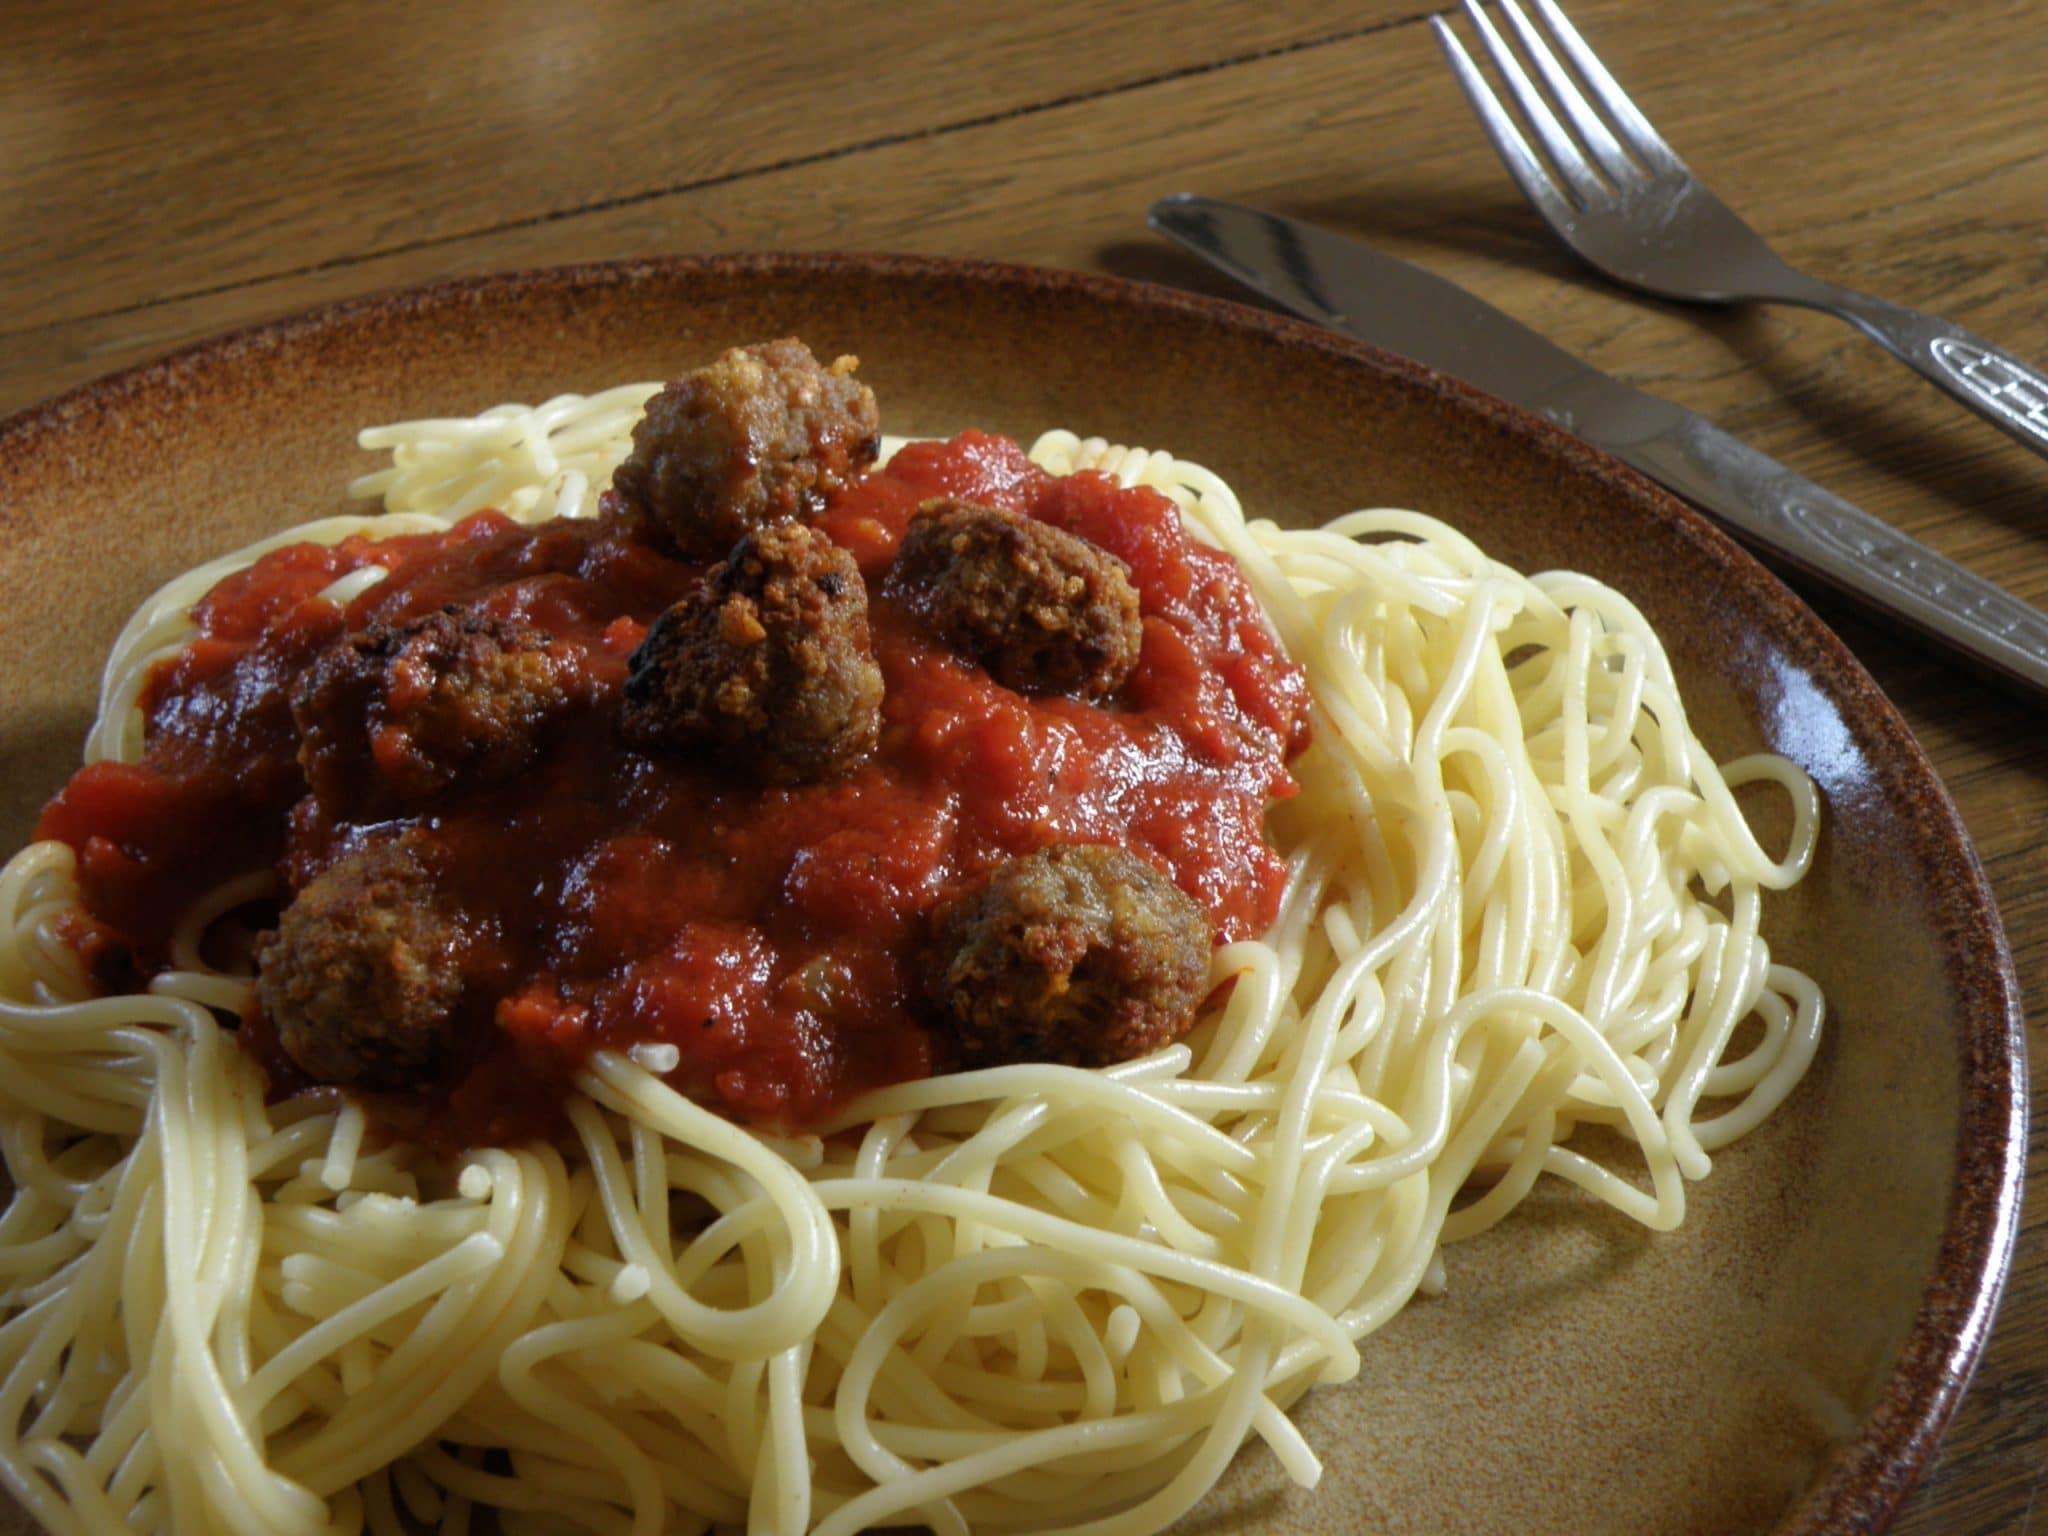 spaghetti pasta, recipes with spaghetti pasta